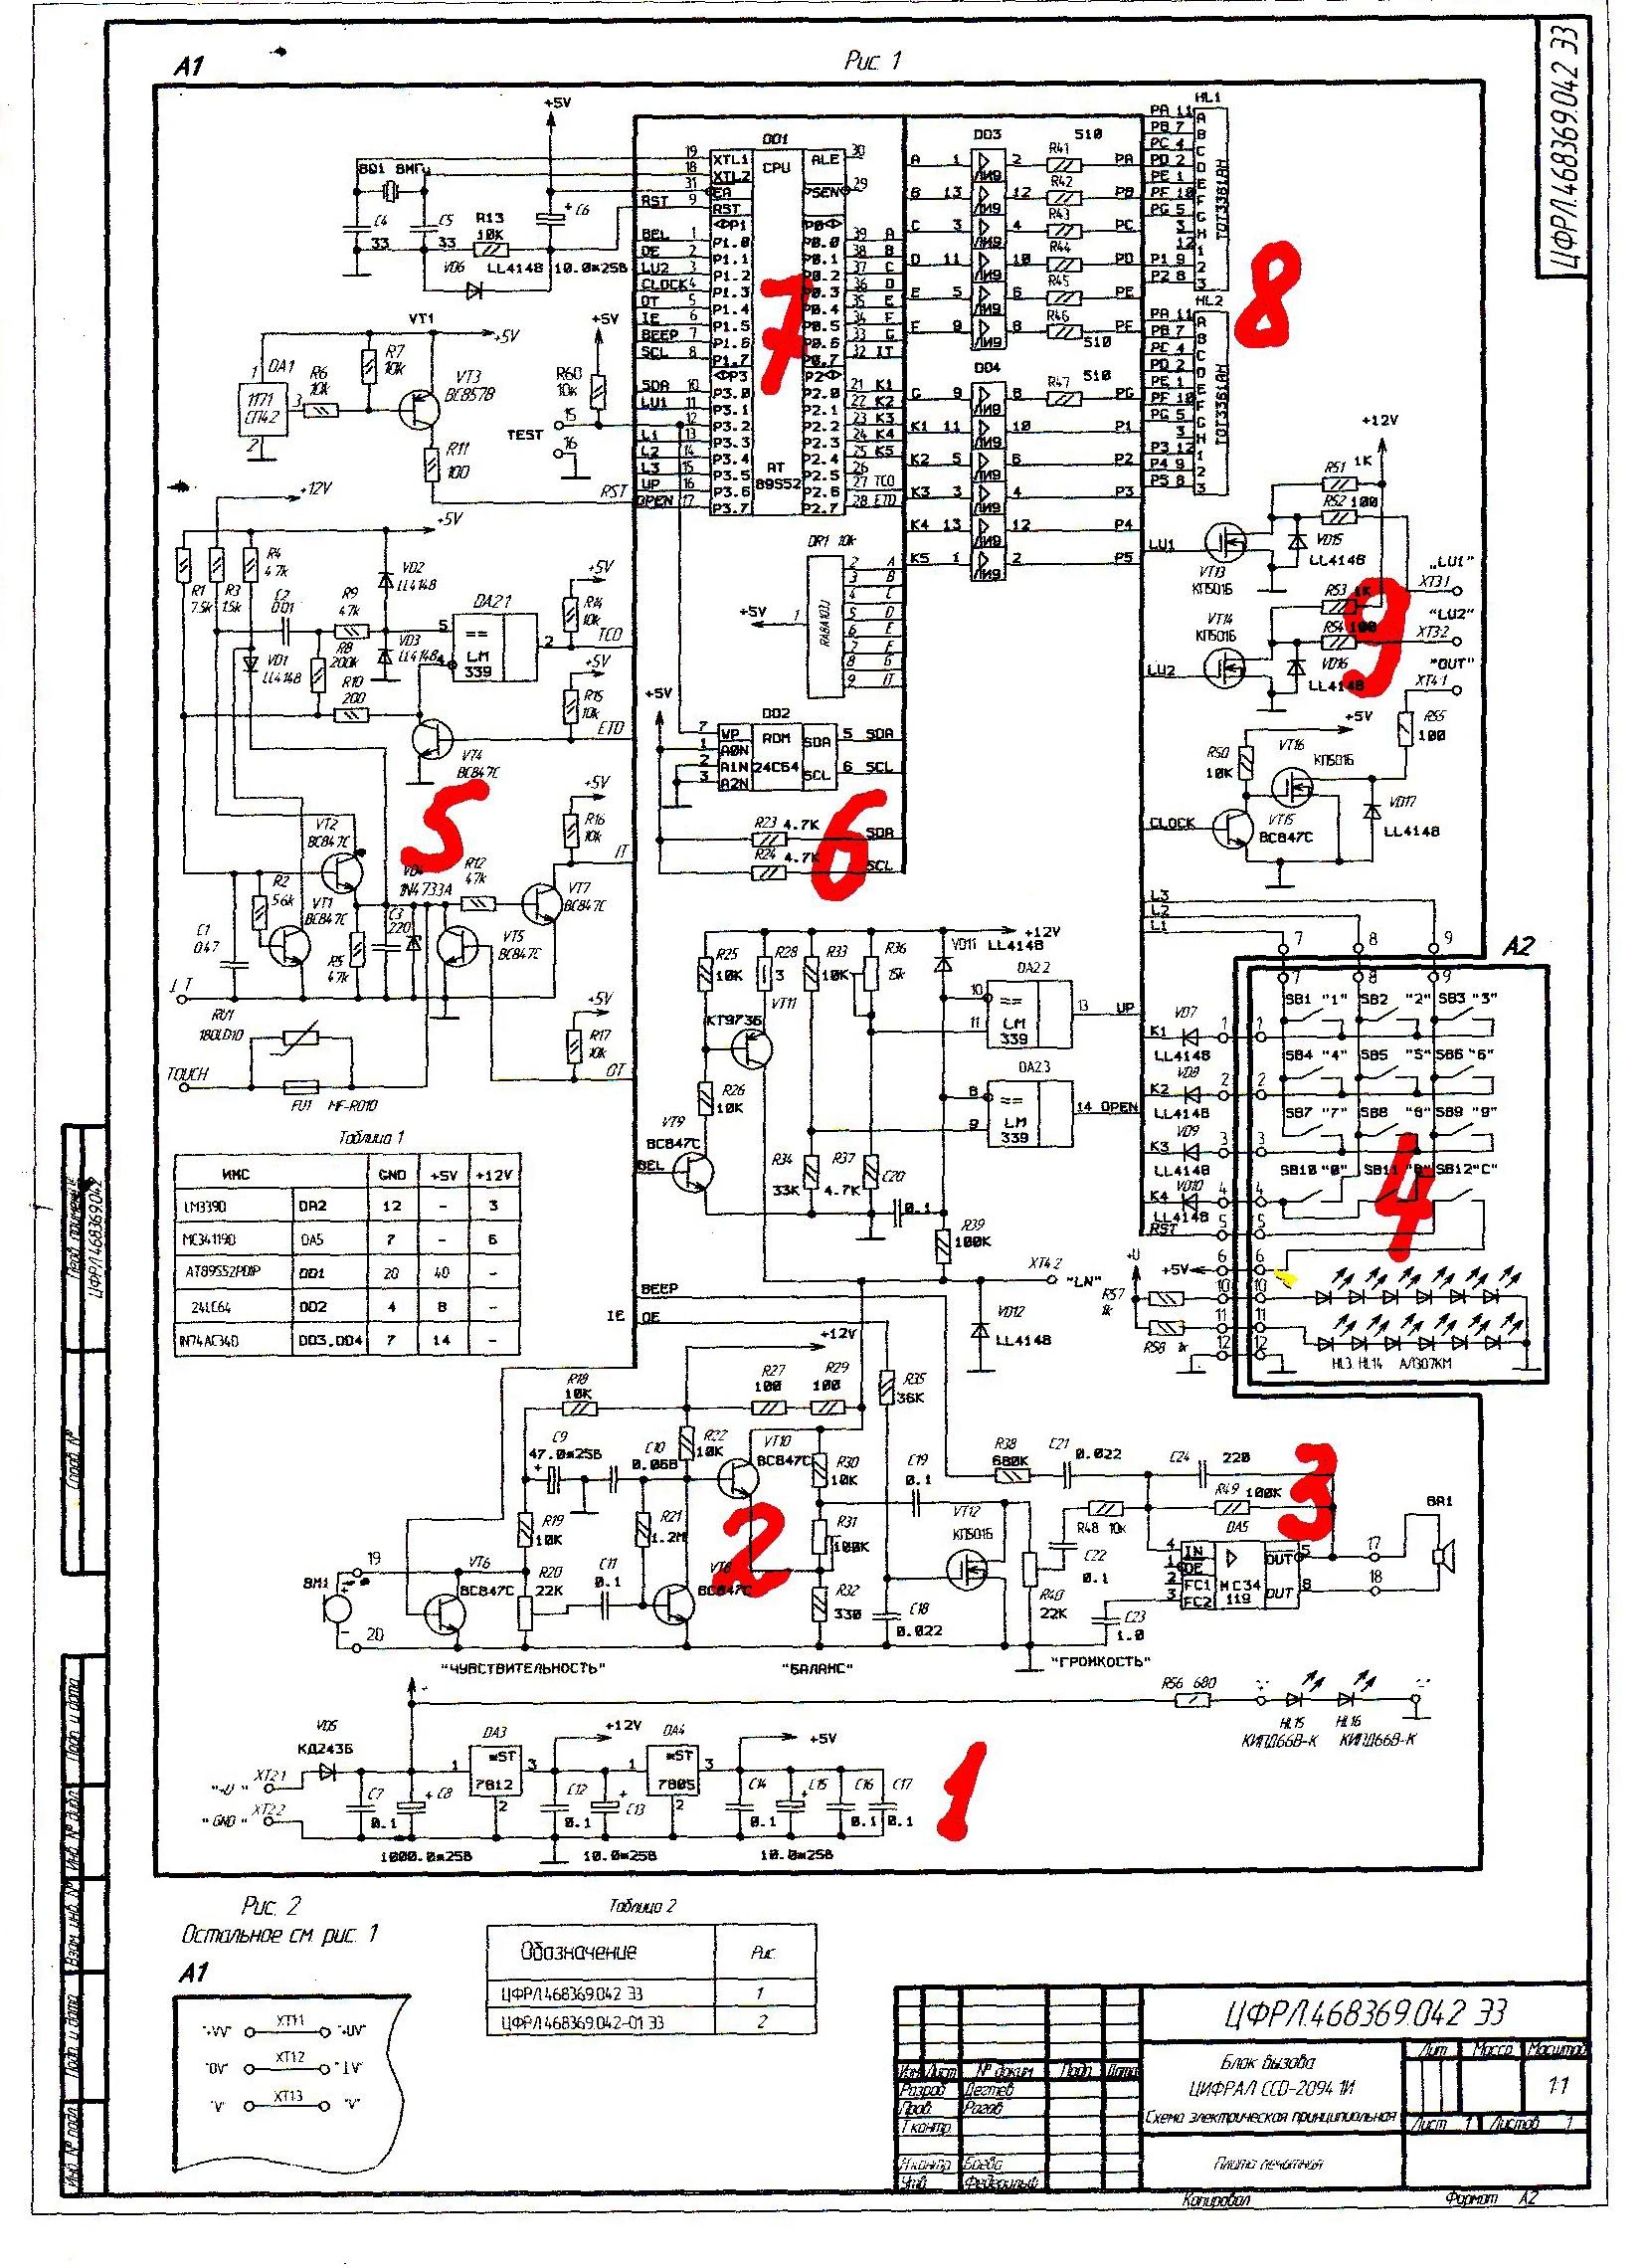 Схема панели домофона цифрал